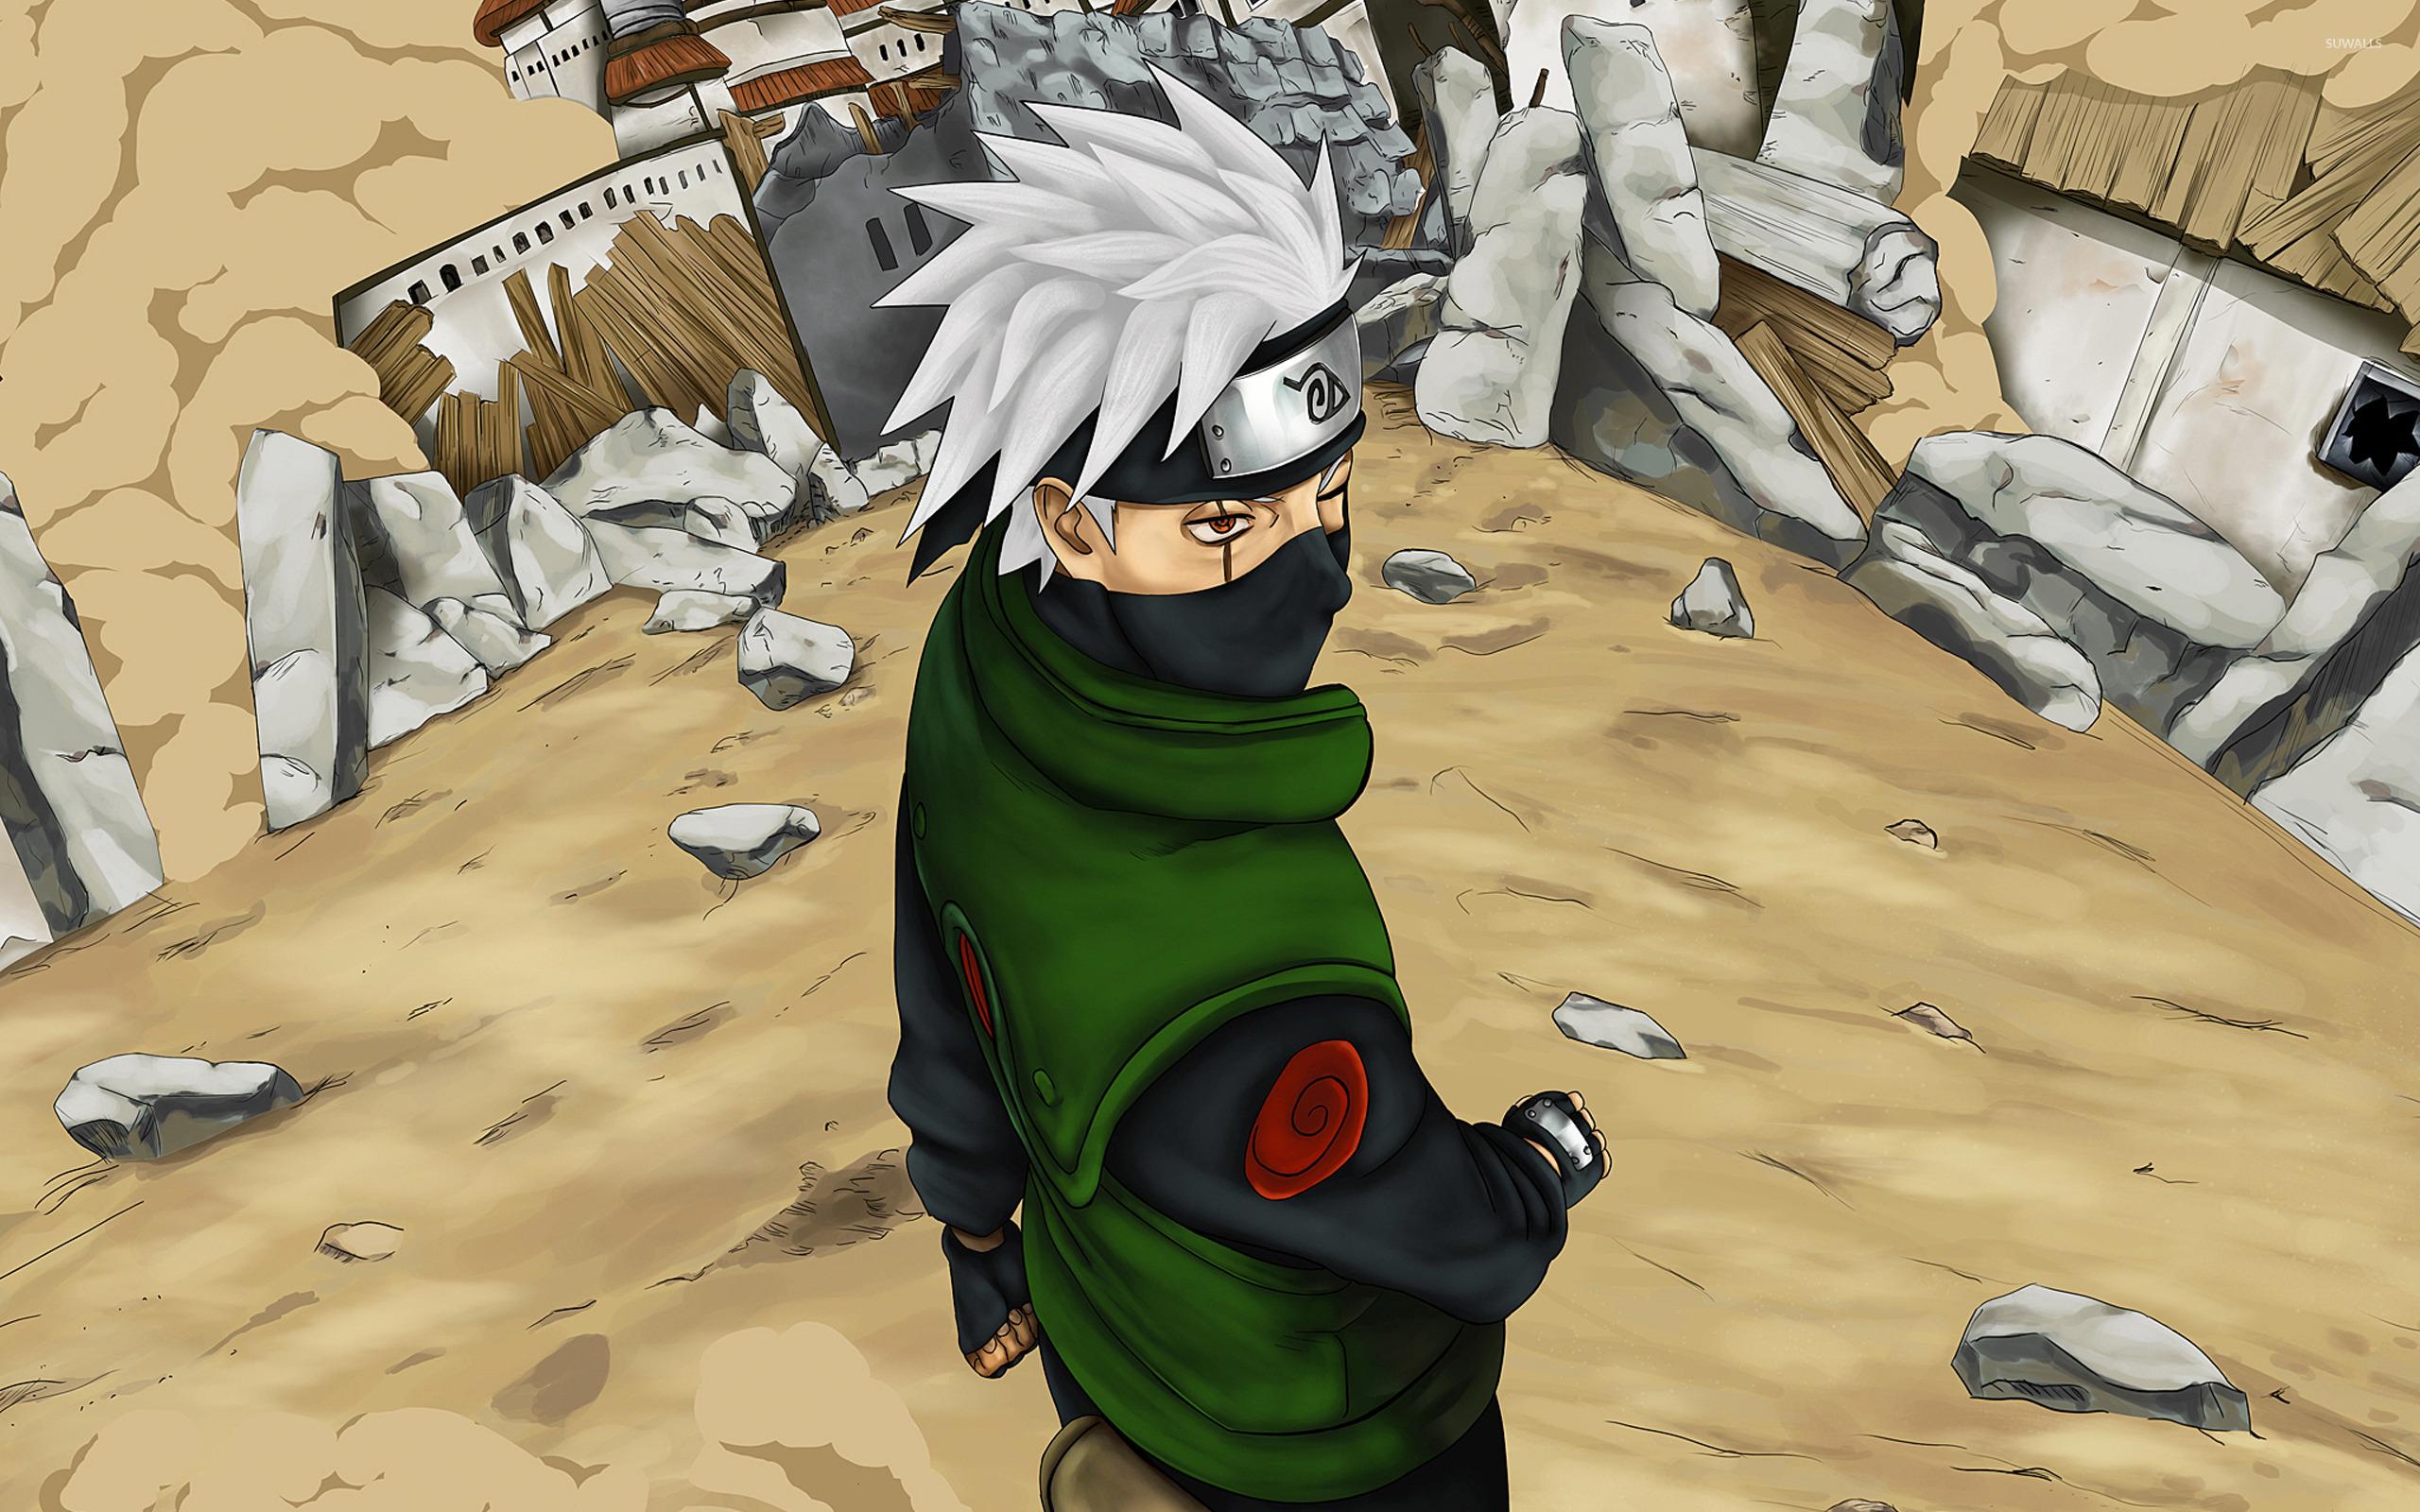 Kakashi Hatake - Naruto [2] wallpaper